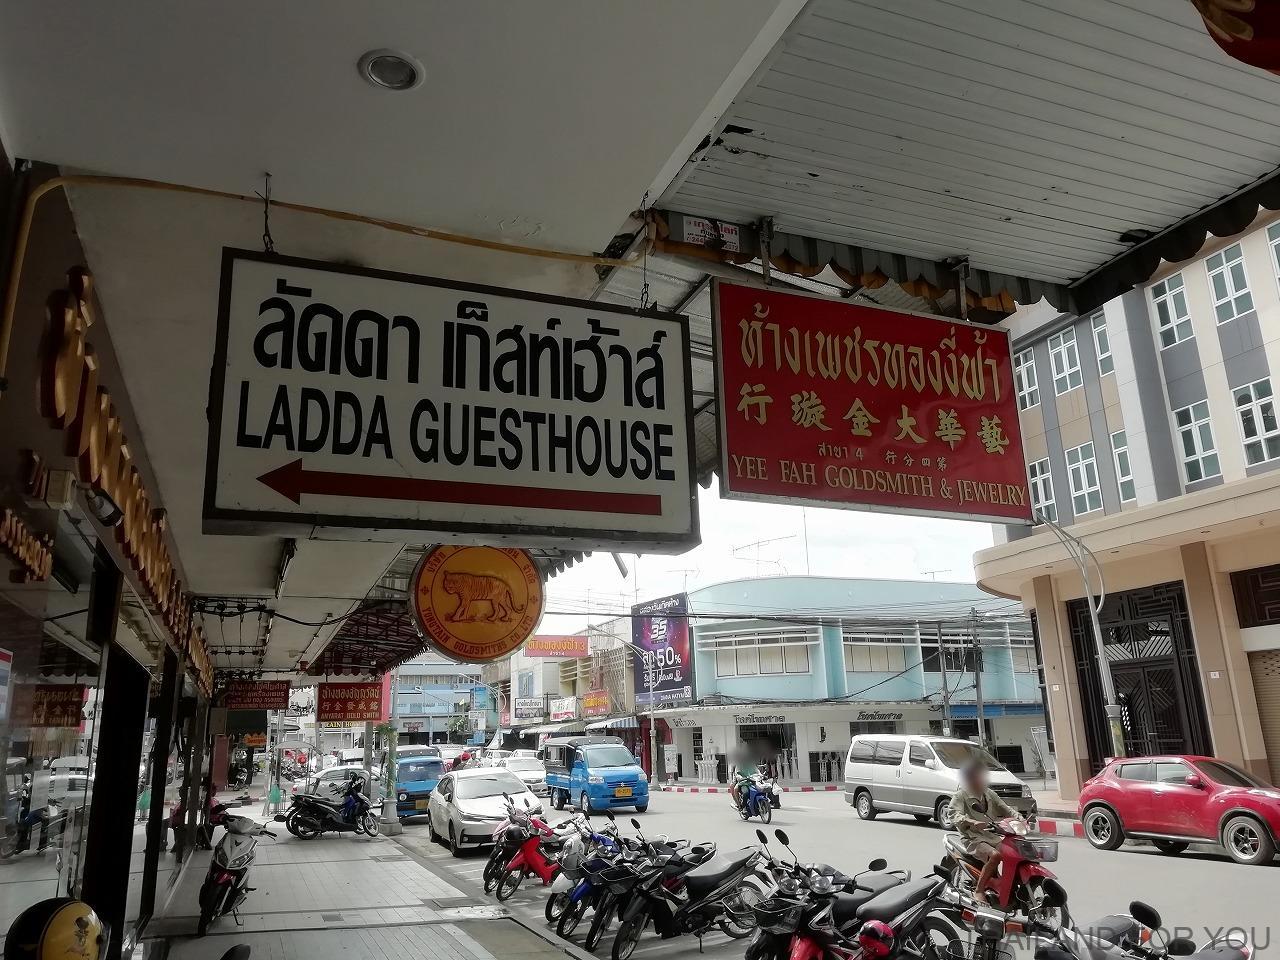 ハジャイ ラッダゲストハウス Ladda Guest House